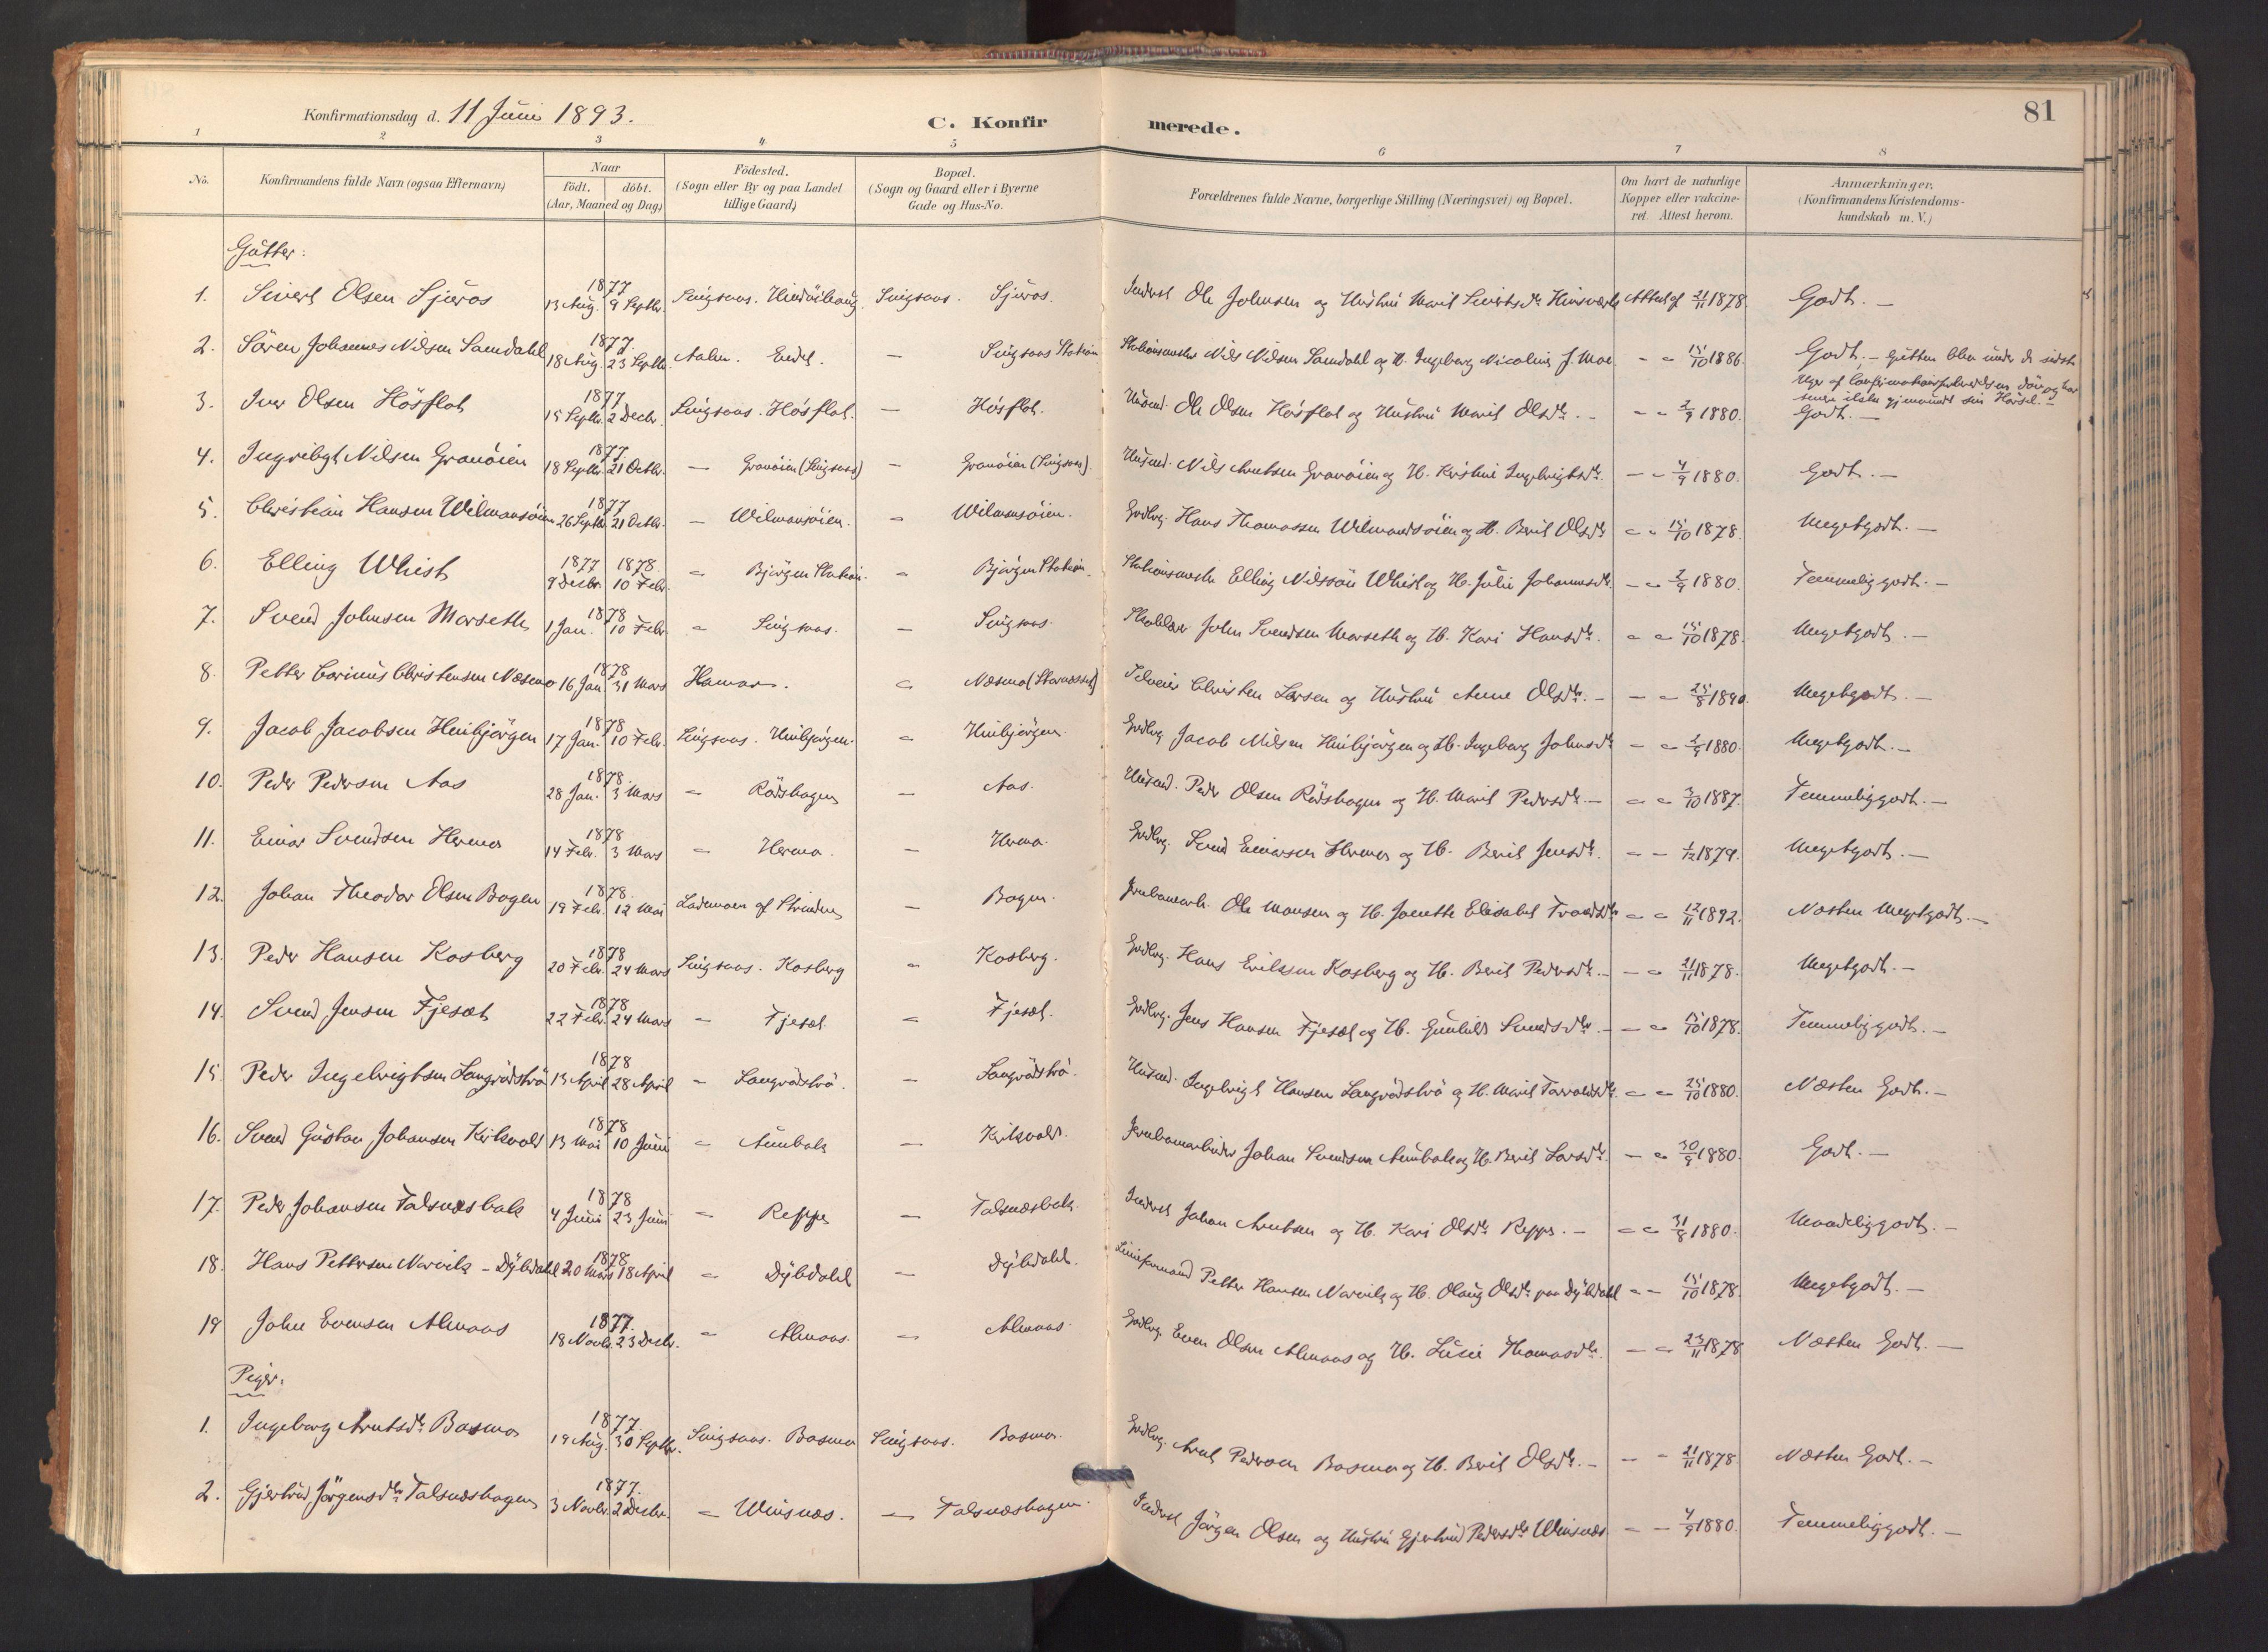 SAT, Ministerialprotokoller, klokkerbøker og fødselsregistre - Sør-Trøndelag, 688/L1025: Ministerialbok nr. 688A02, 1891-1909, s. 81